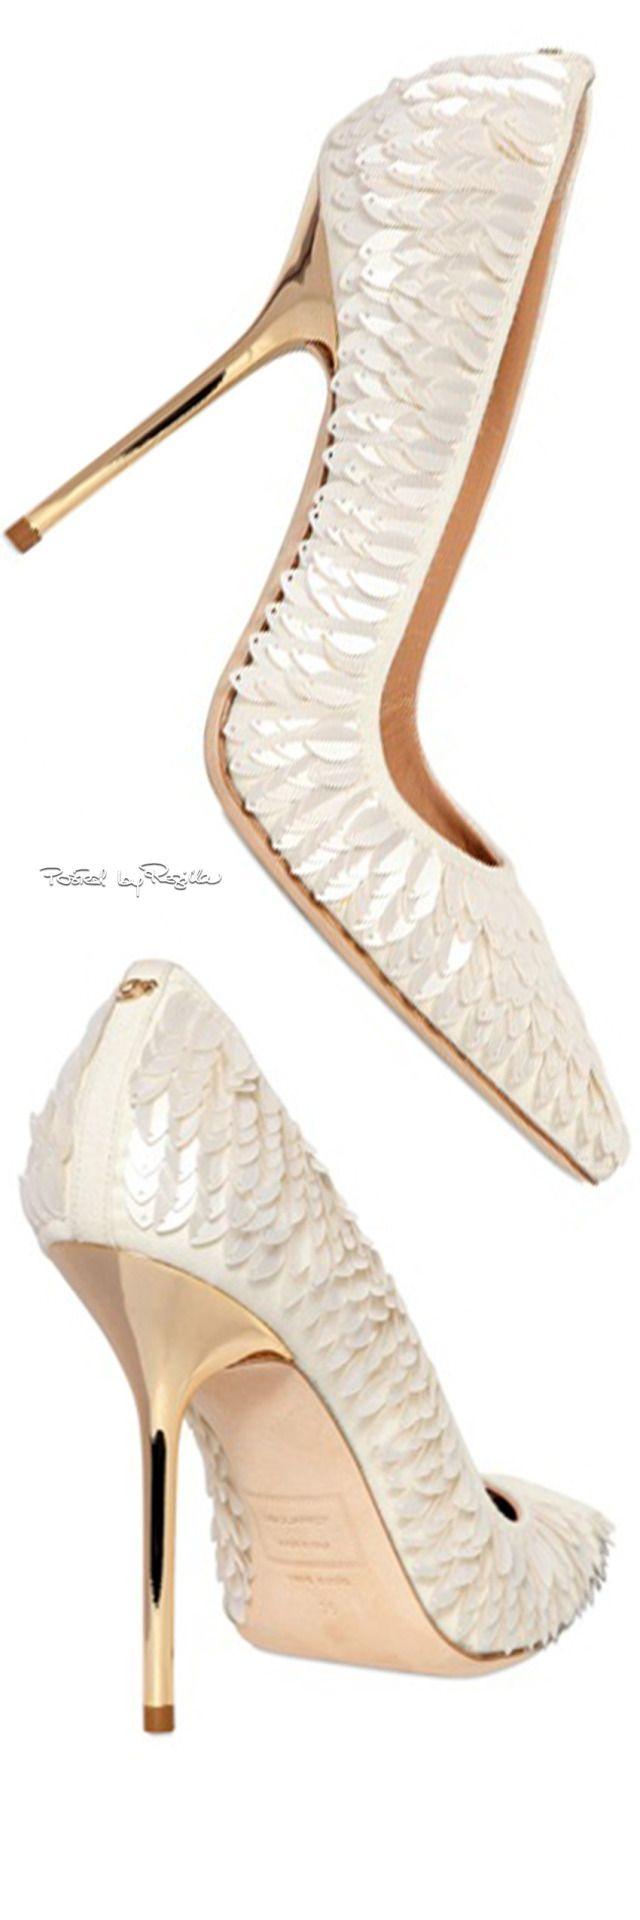 ✦ The Socialite's Shoes  {a peak into Ms. Socialite's shoe closet. Please don't drool} ✦  Regilla ⚜ Dsquared2